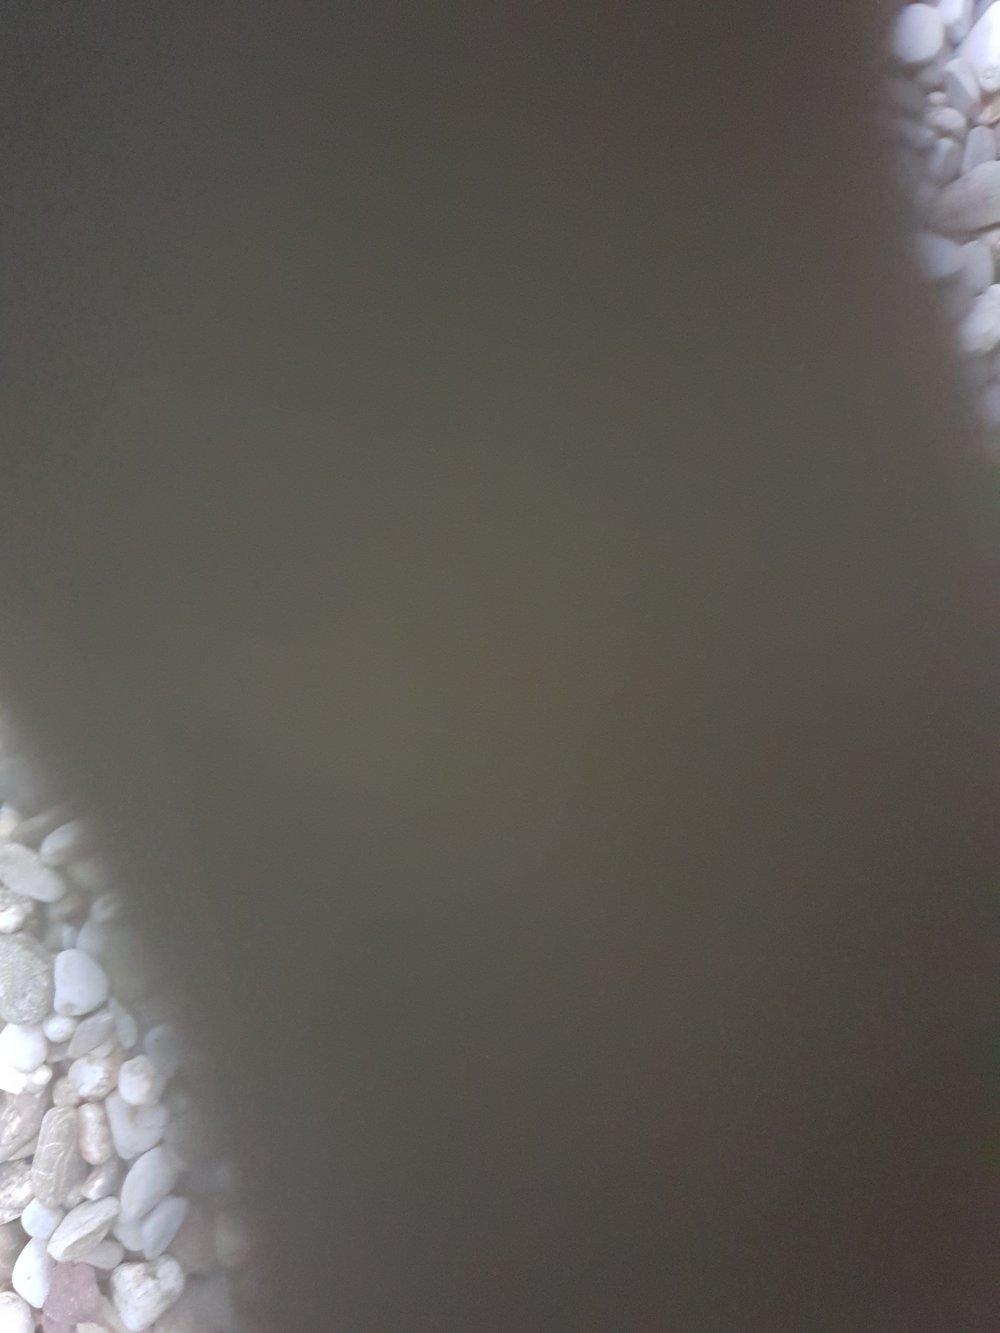 f/2.4 1/10 4.3 mm ISO 800